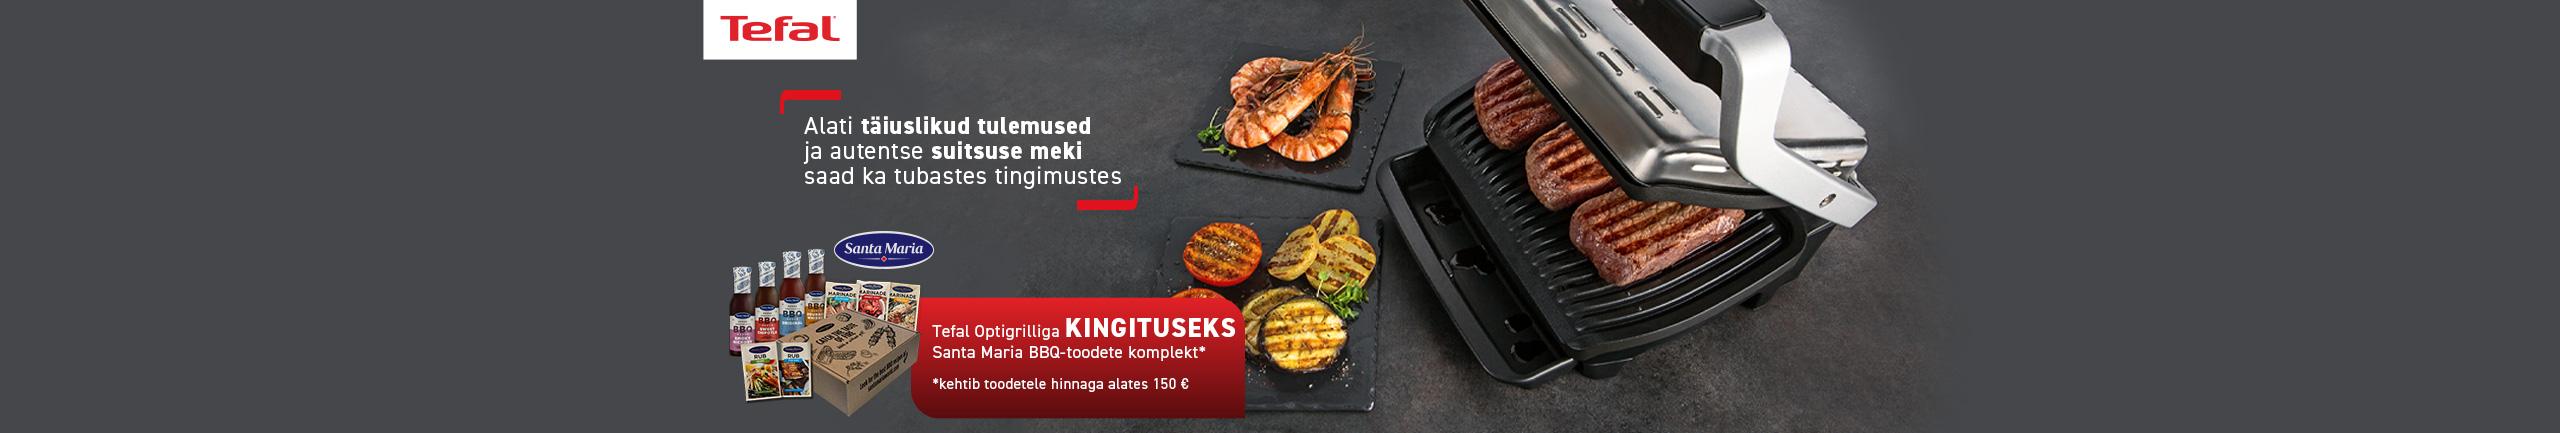 Buy Selected Tefal Optigrill and get Santa Maria BBQ gift set as present